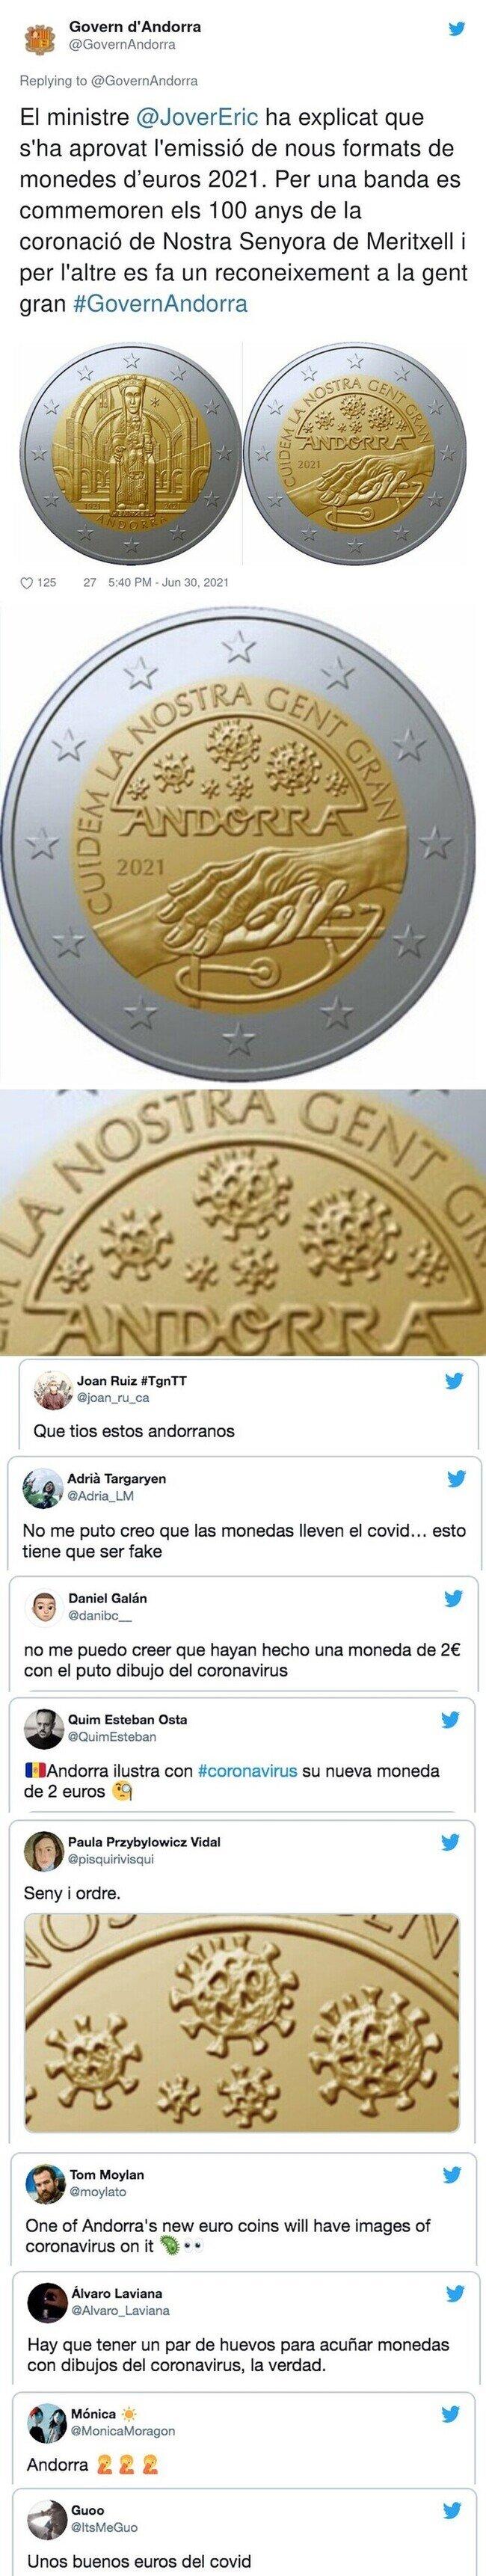 23541 - Todo el mundo está alucinando con la nueva moneda de dos euros de Andorra, y sí es lo que parece